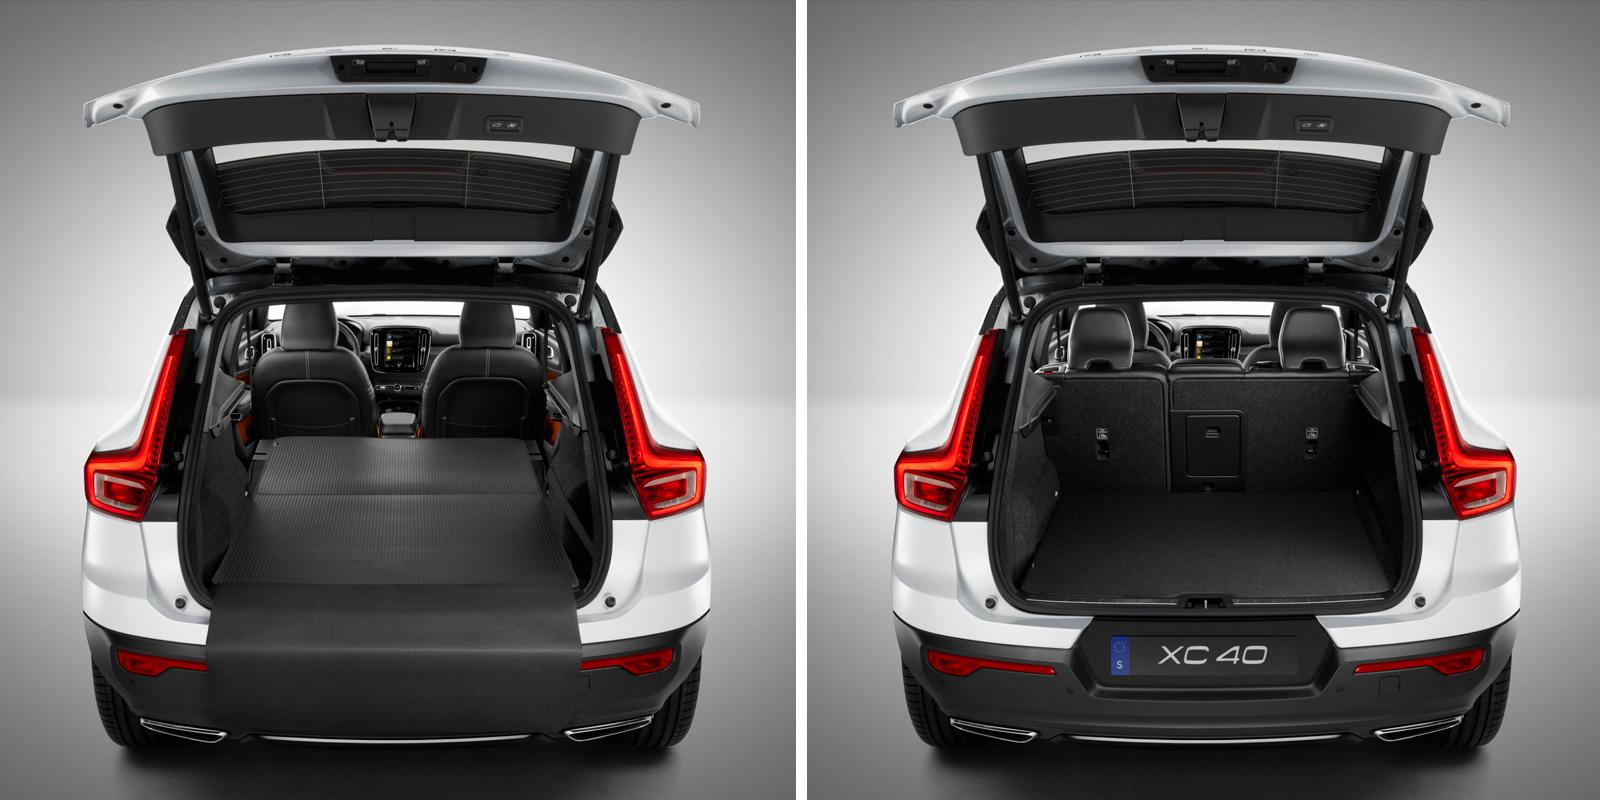 Volvo XC40. Коврик в багажное отделение, двусторонний, текстиль/пластмасса фото 1